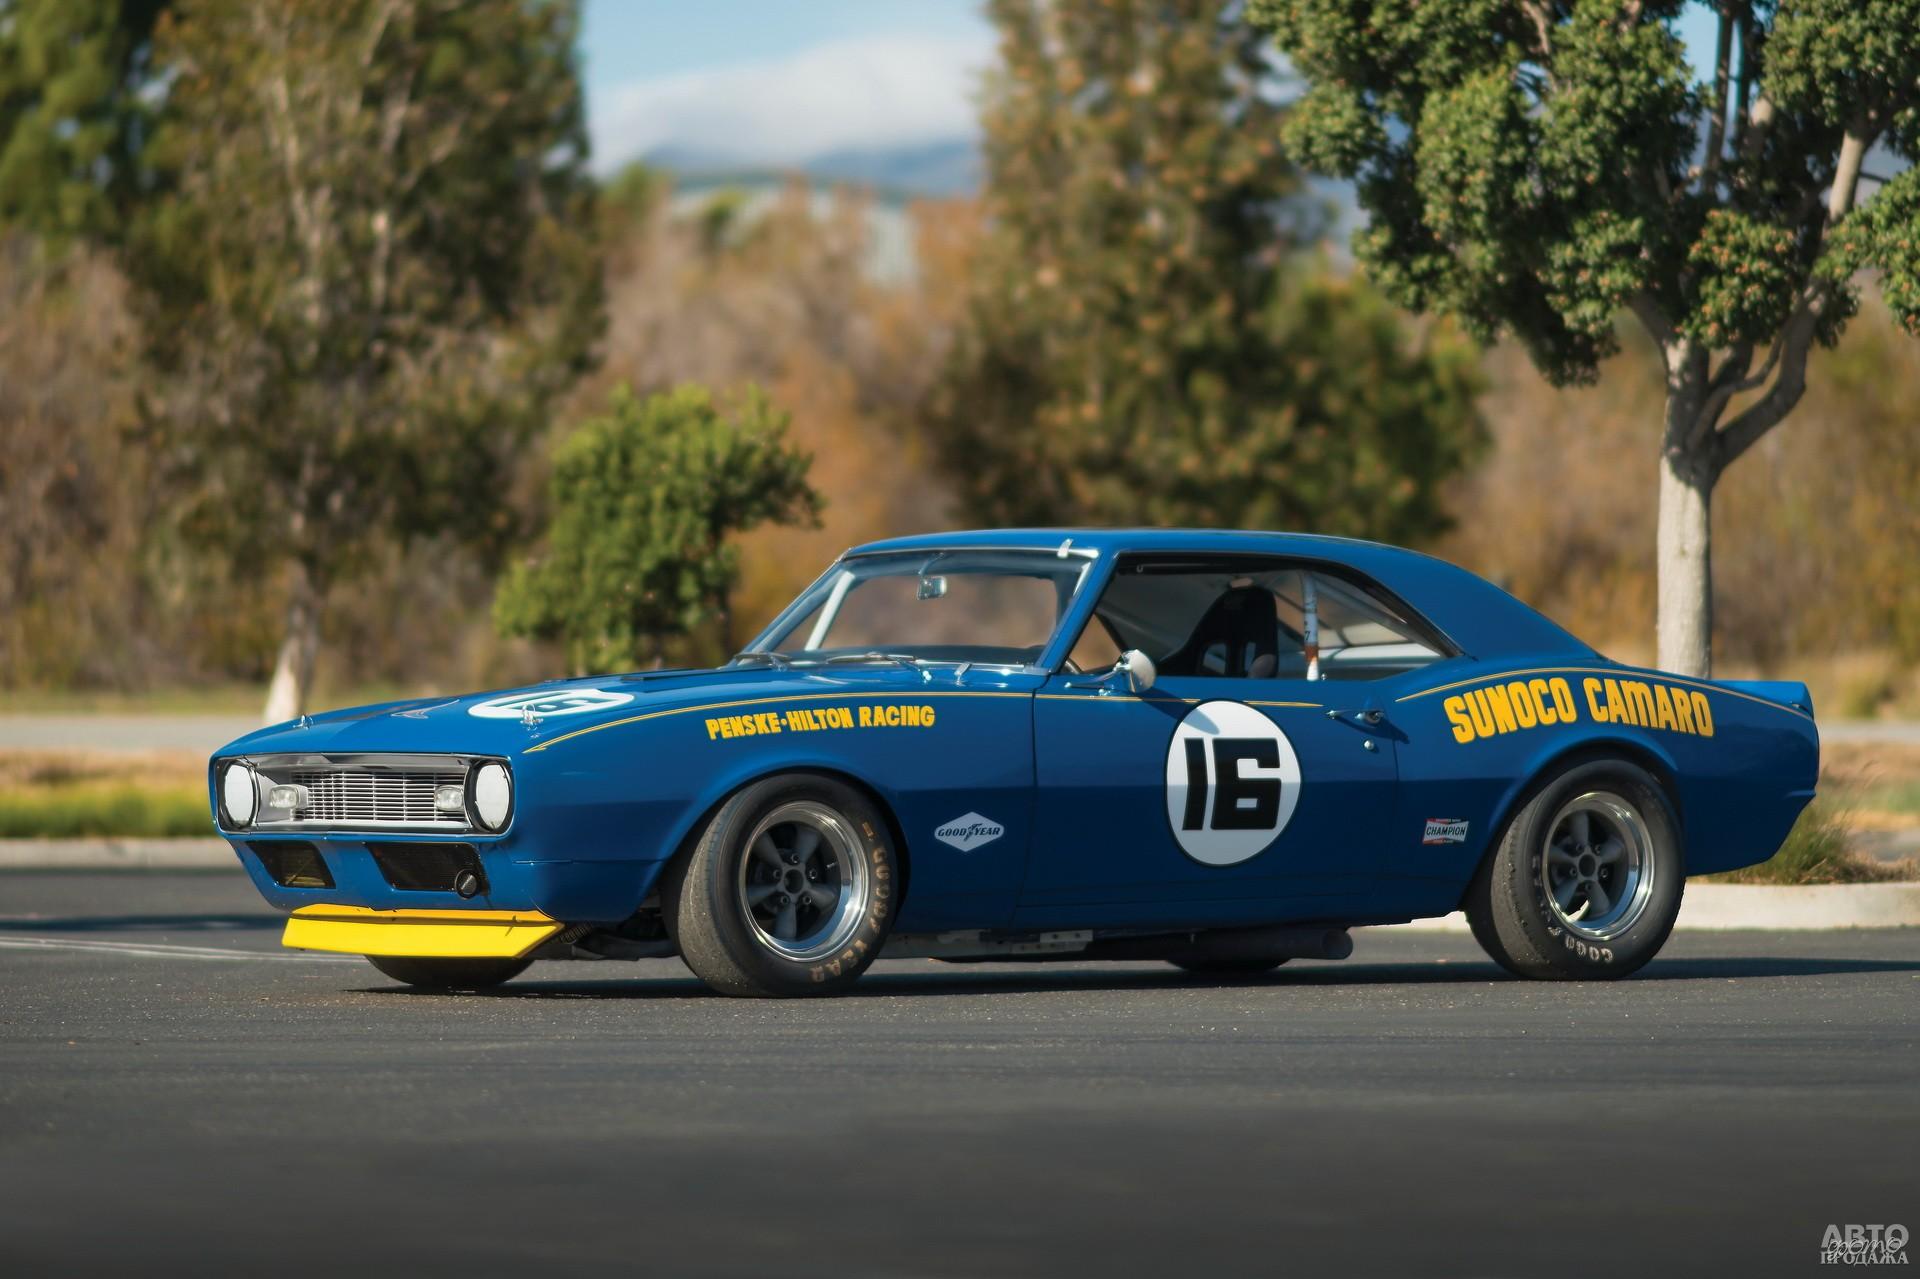 В 1968 году Chеvrolet Camaro выиграл чемпионат Trans-Am